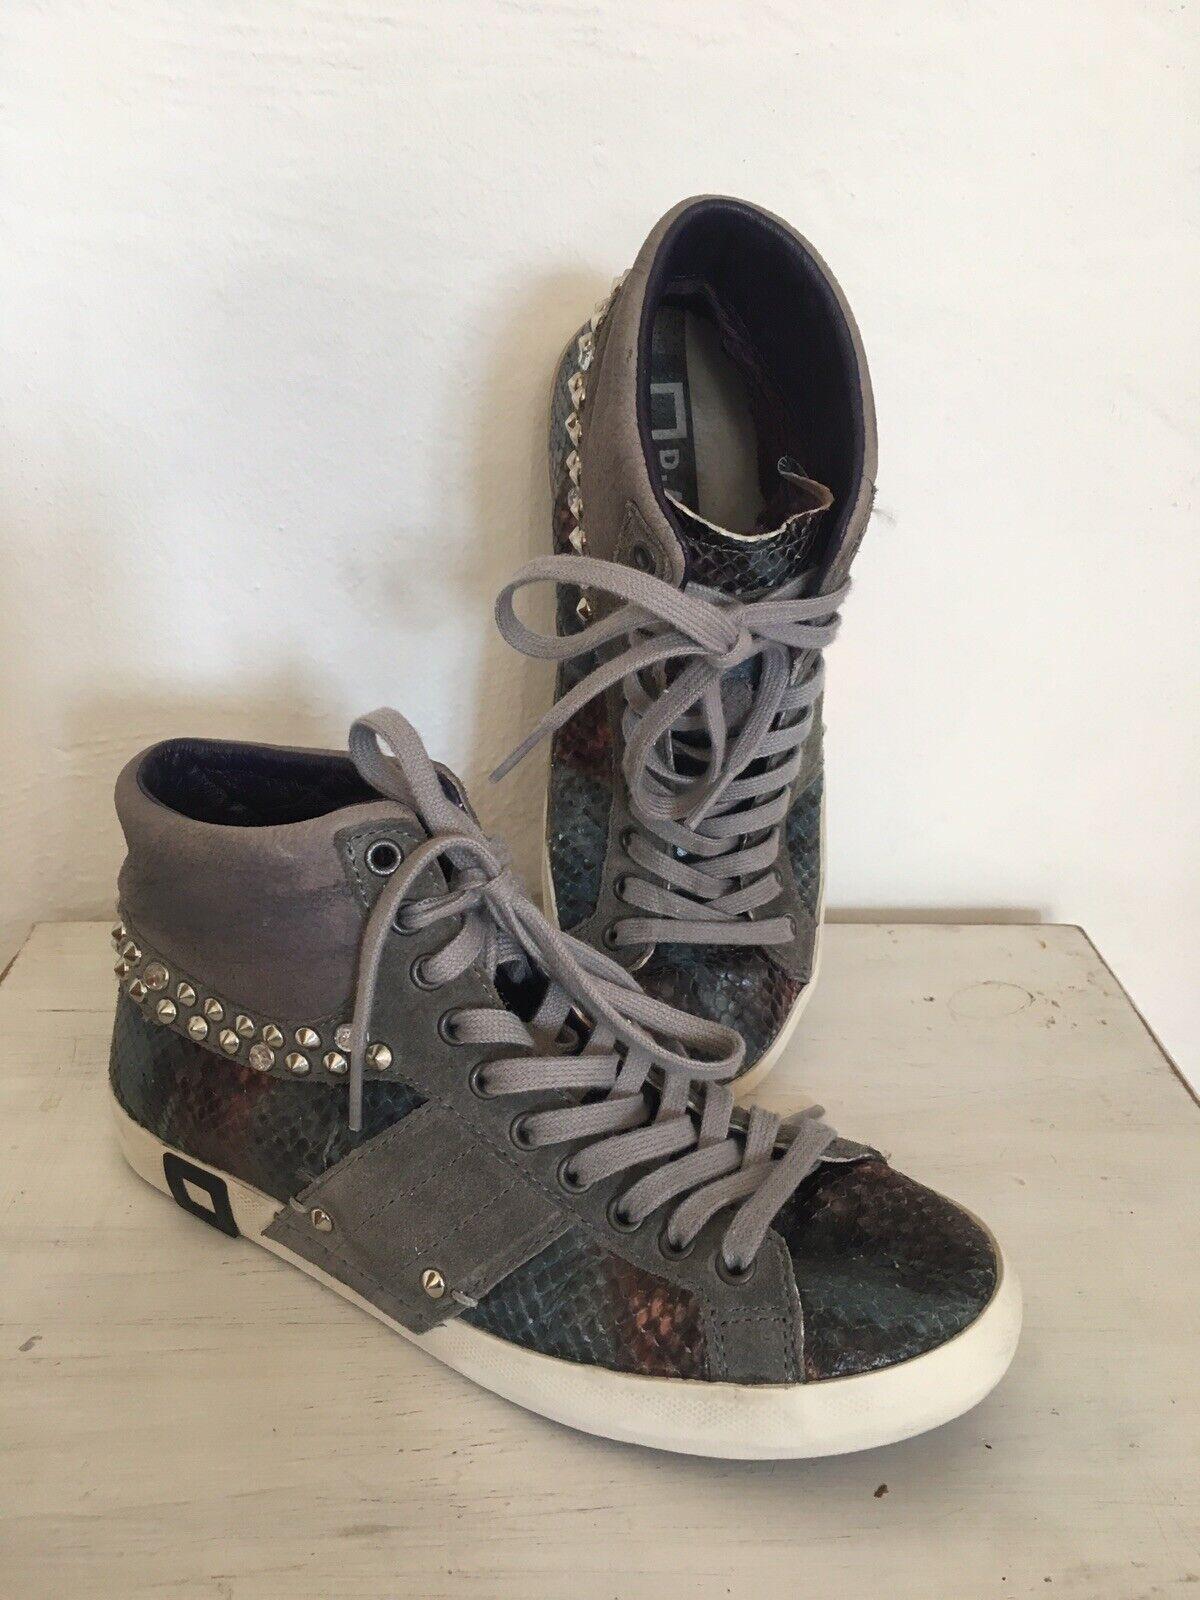 D.A.T.E. High Top Leder Turnschuhe Snake Nieten zu Jeans Hose Rock Gr. 37 Conleys